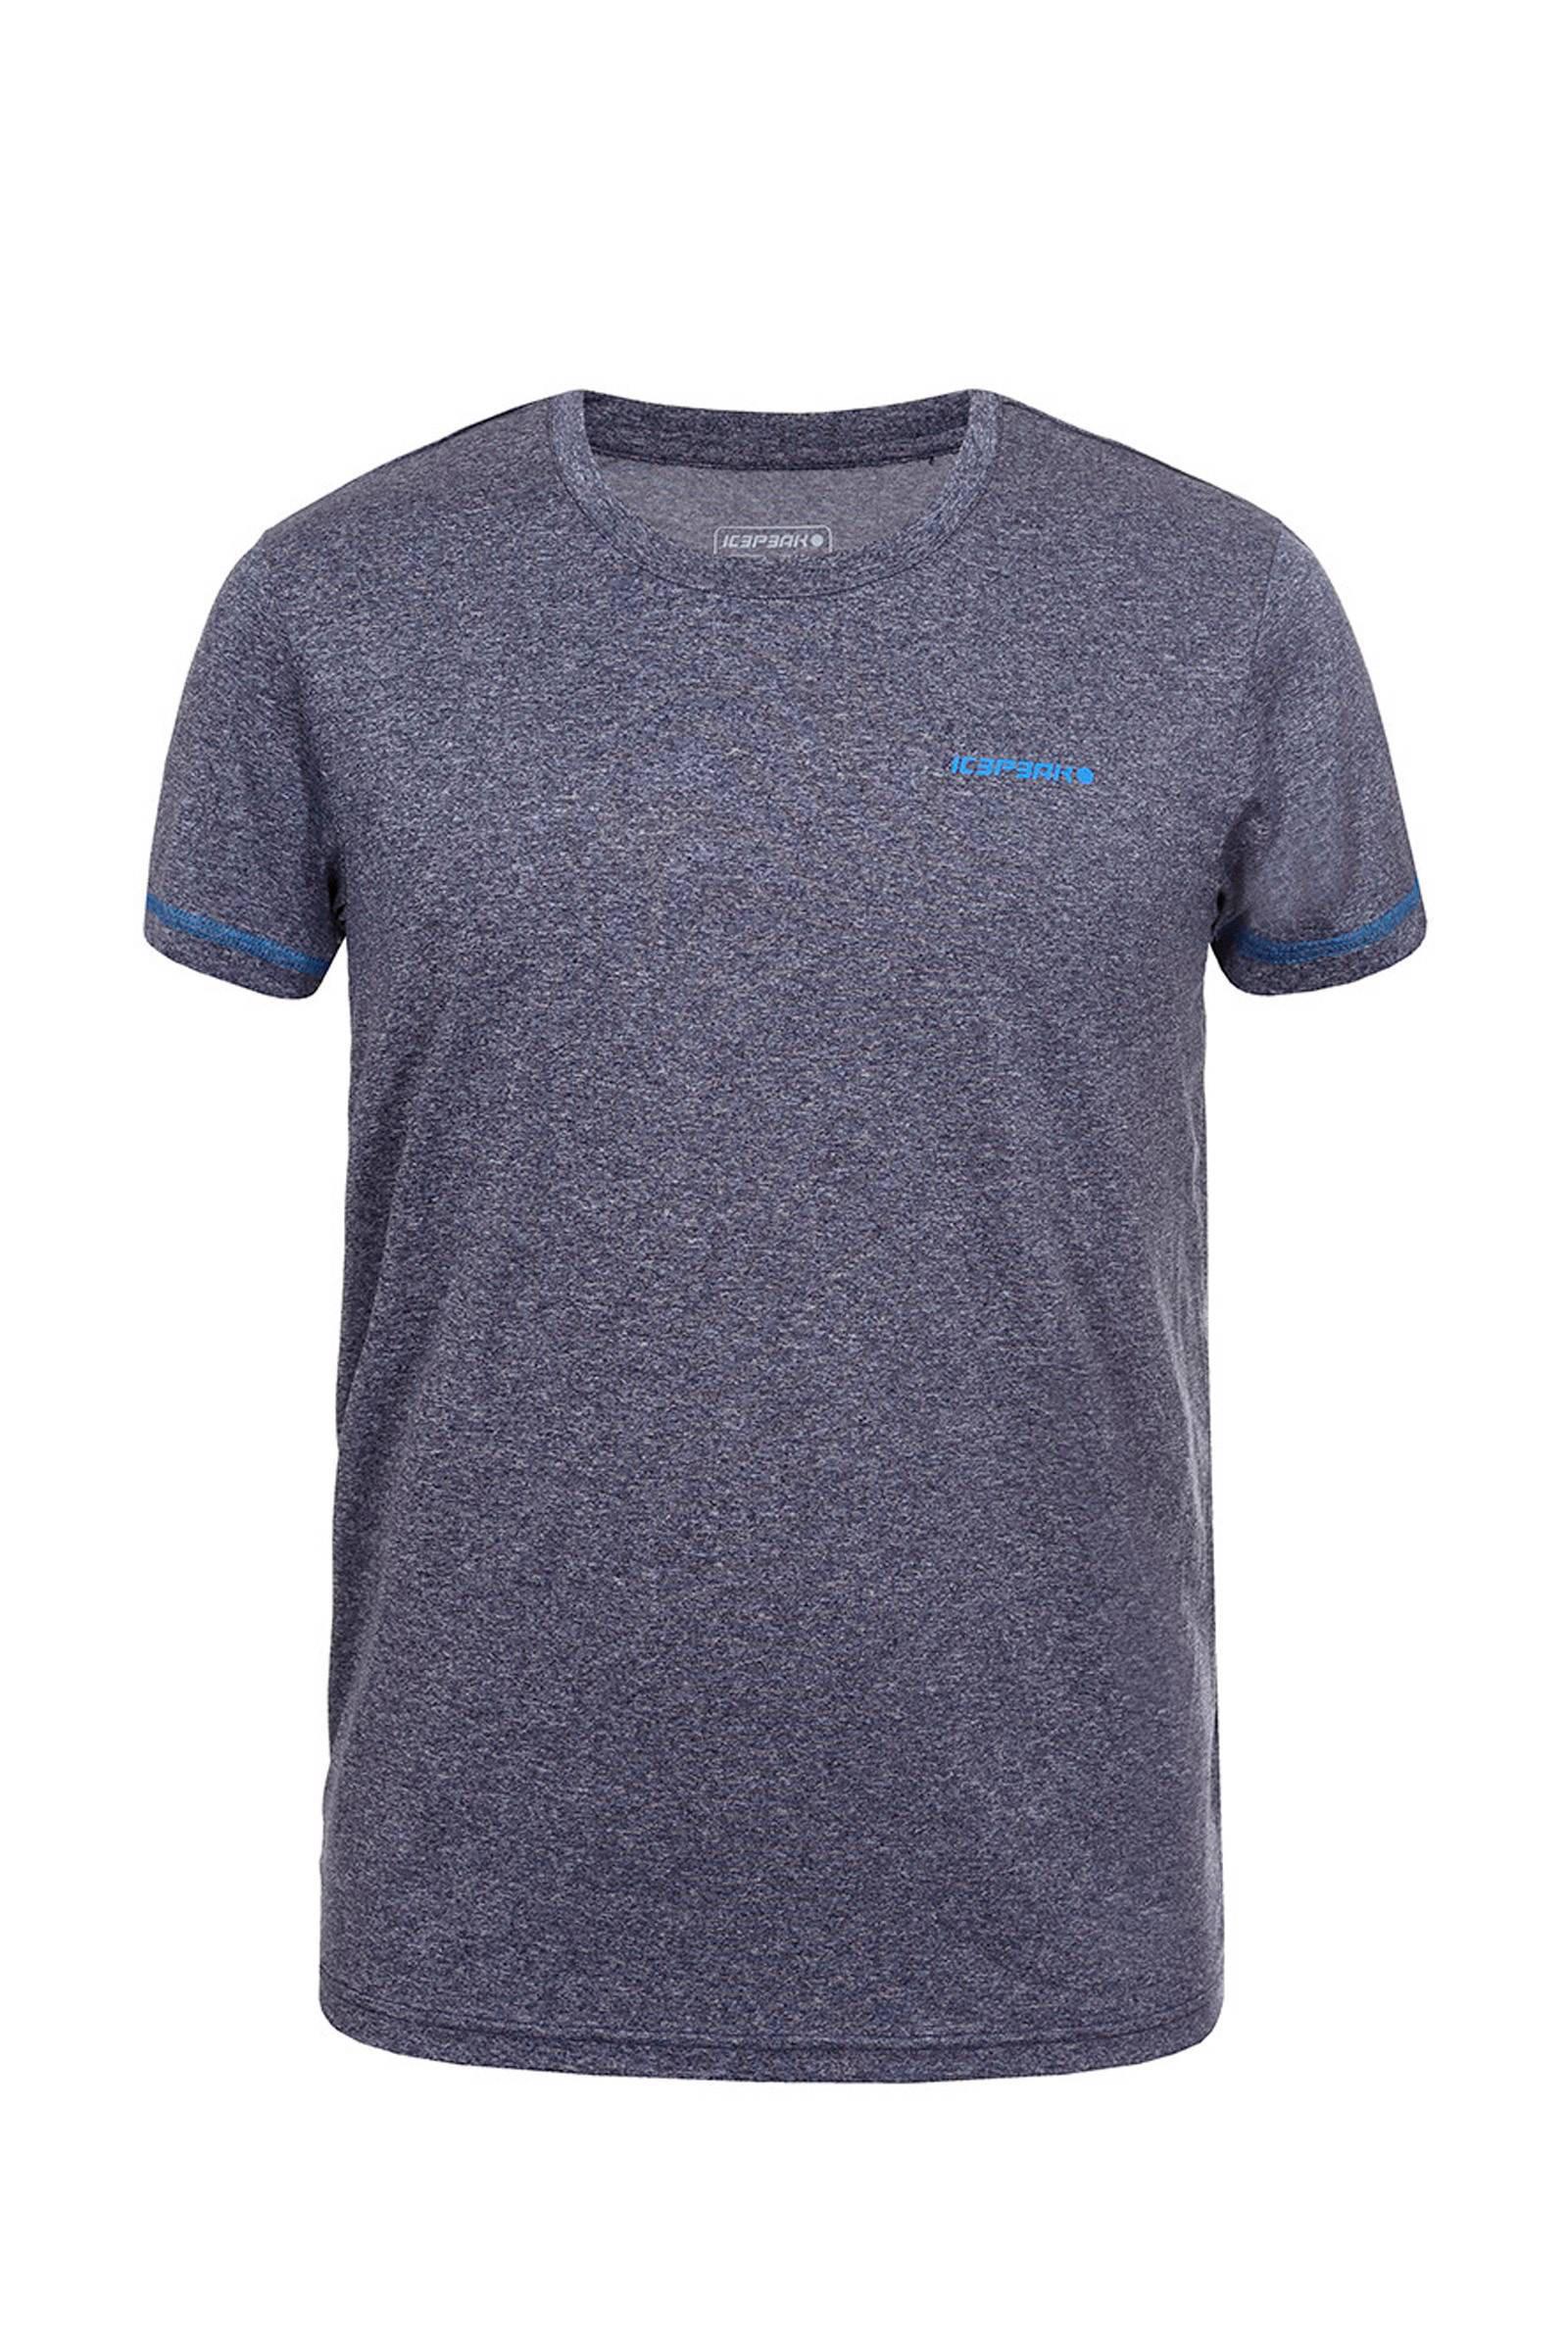 Selas T Icepeak outdoor shirt donkerblauw qAttSW